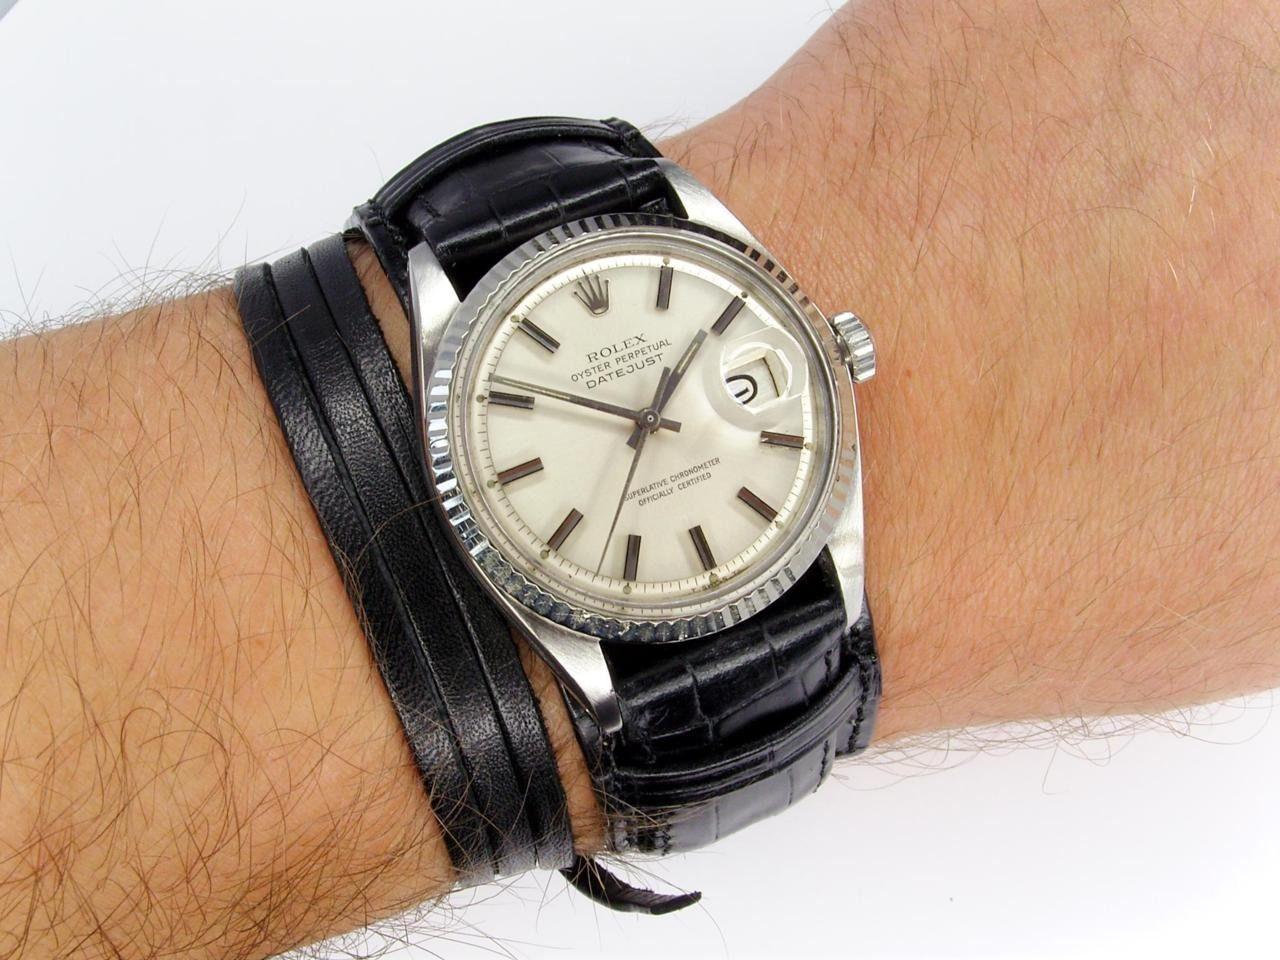 Watchanish A Vintage 1601 Rolex Datejust On A Slim Bund Style Military Leather Strap Watch Strap Rolex Watches Rolex Datejust